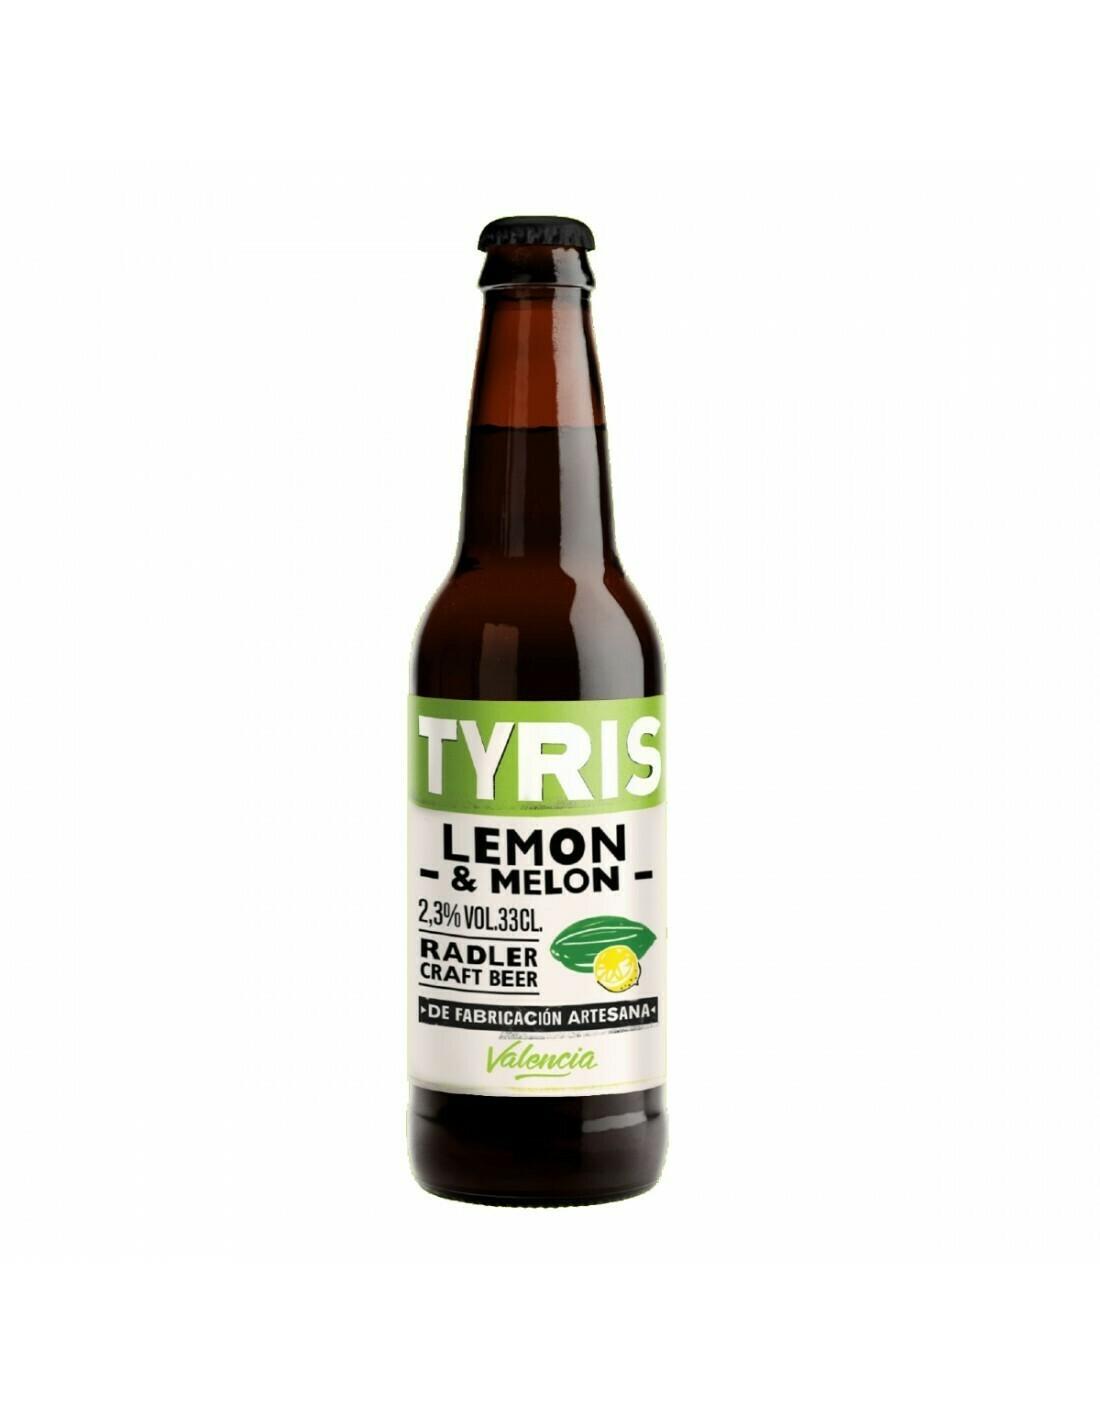 TYRIS LEMON & MELON